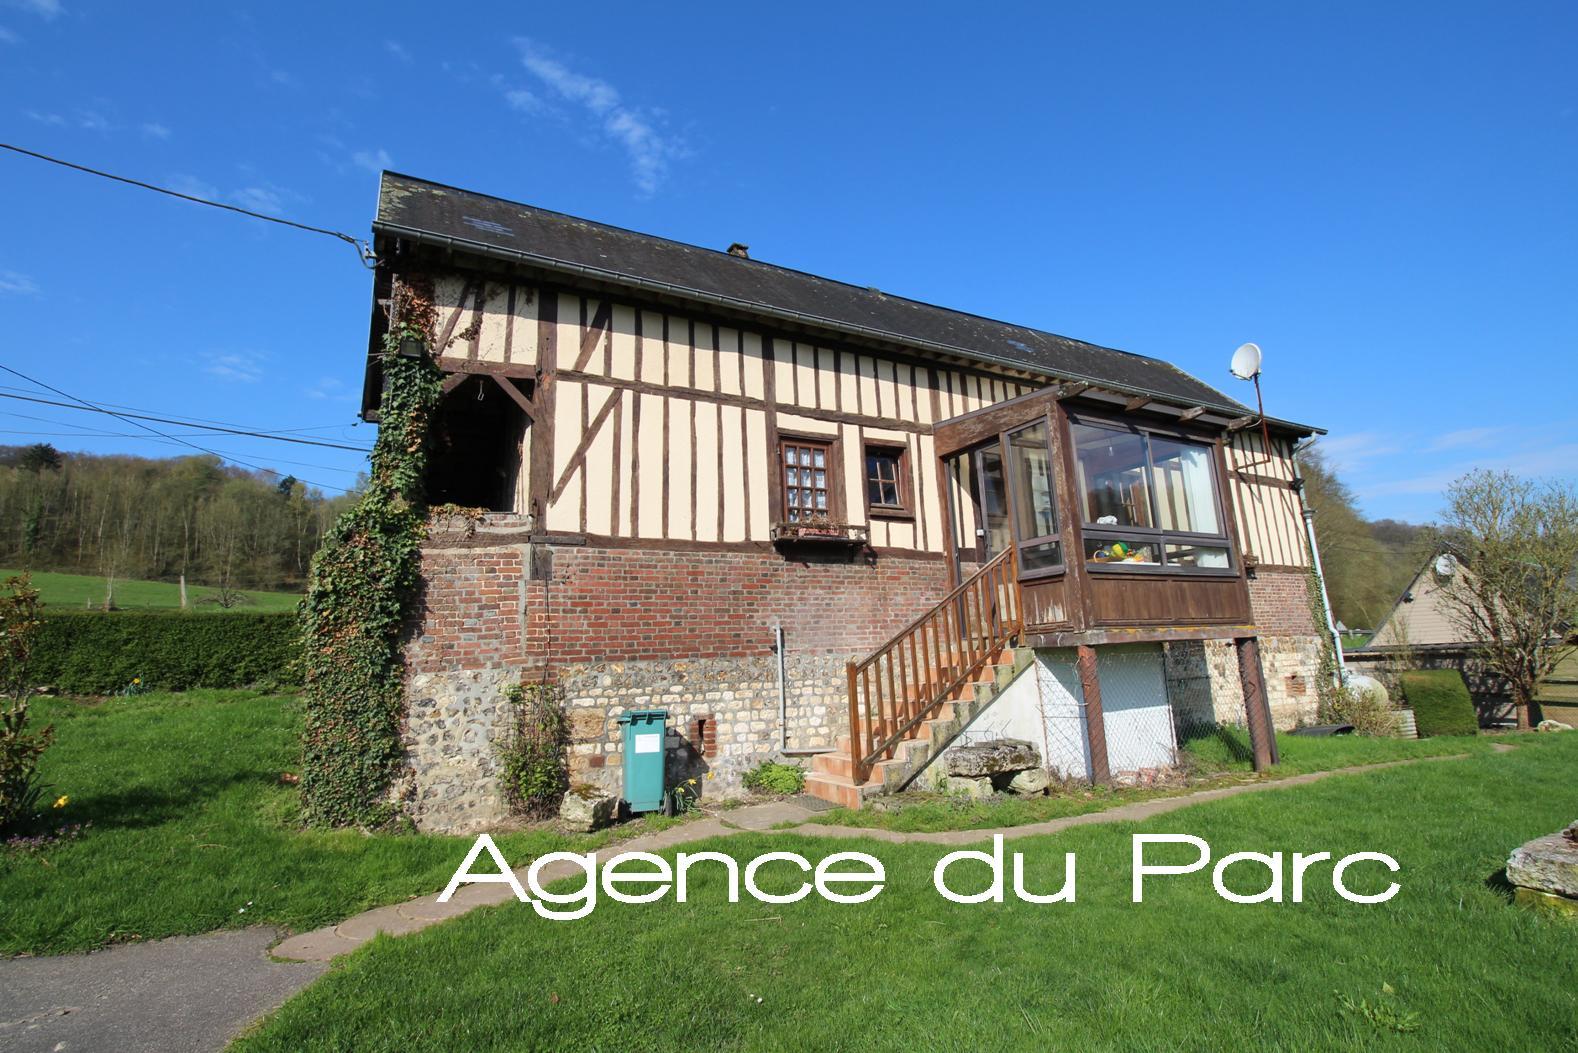 Acheter une maison a plusieurs photos de conception de for Acheter une maison en campagne